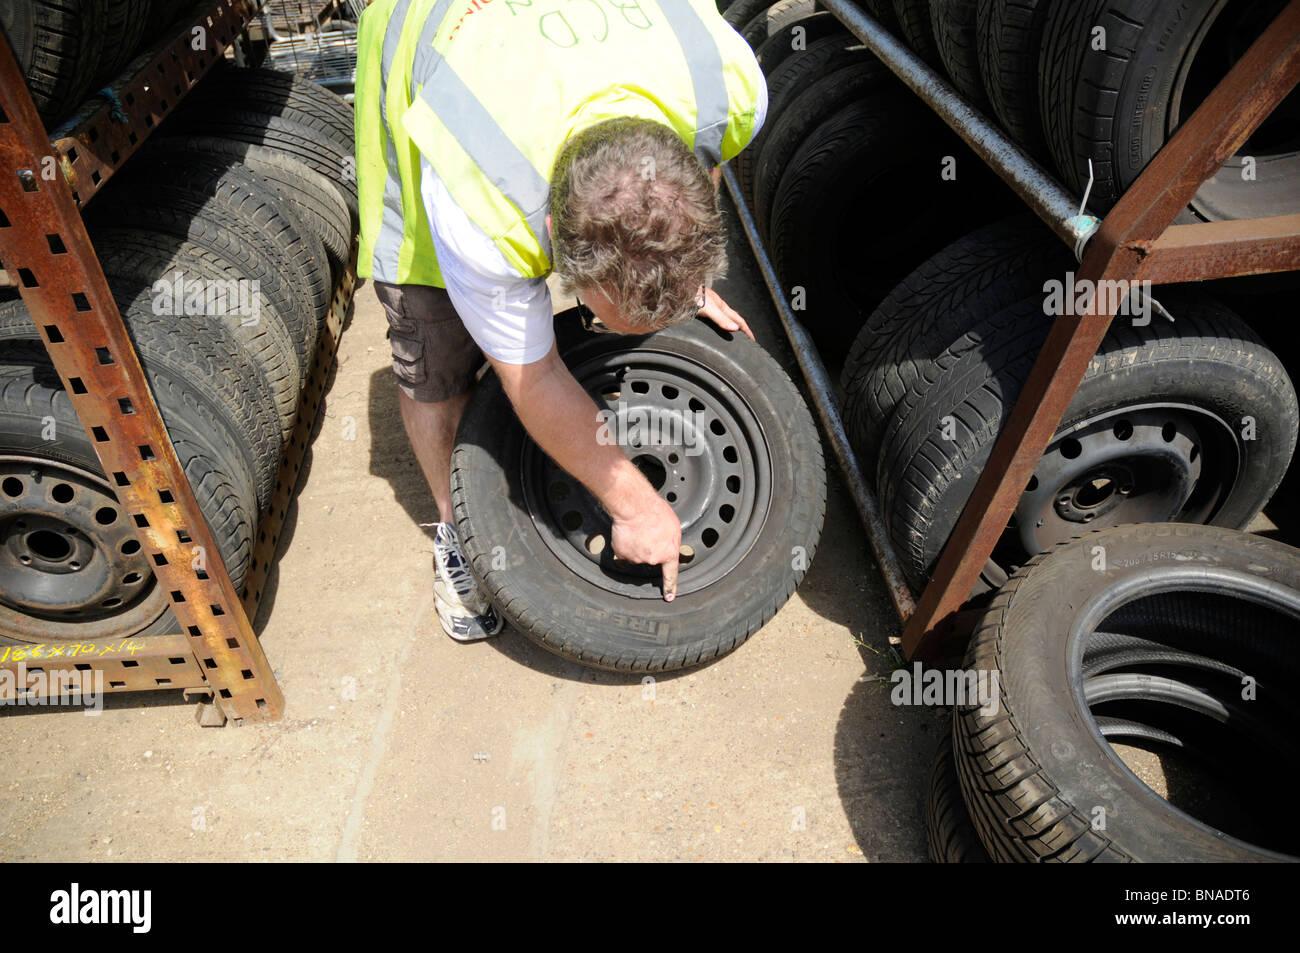 Mann mit hi-Vis Weste Inspektion von Rad und Reifen in einem Auto Breakers Yard. Stockfoto